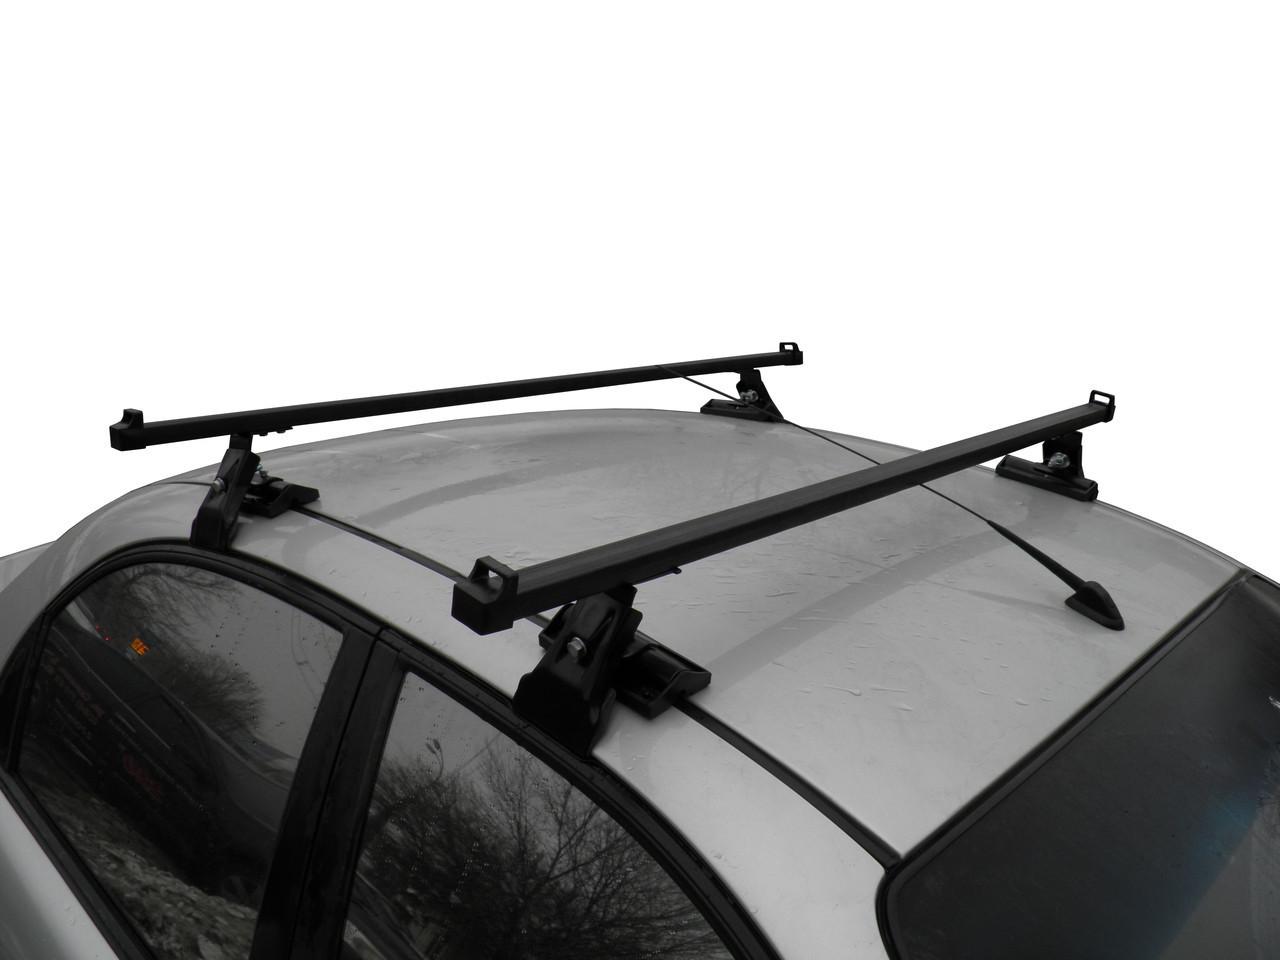 Кенгуру Кемел 120см - универсальный багажник на крышу авто с гладкой крышей